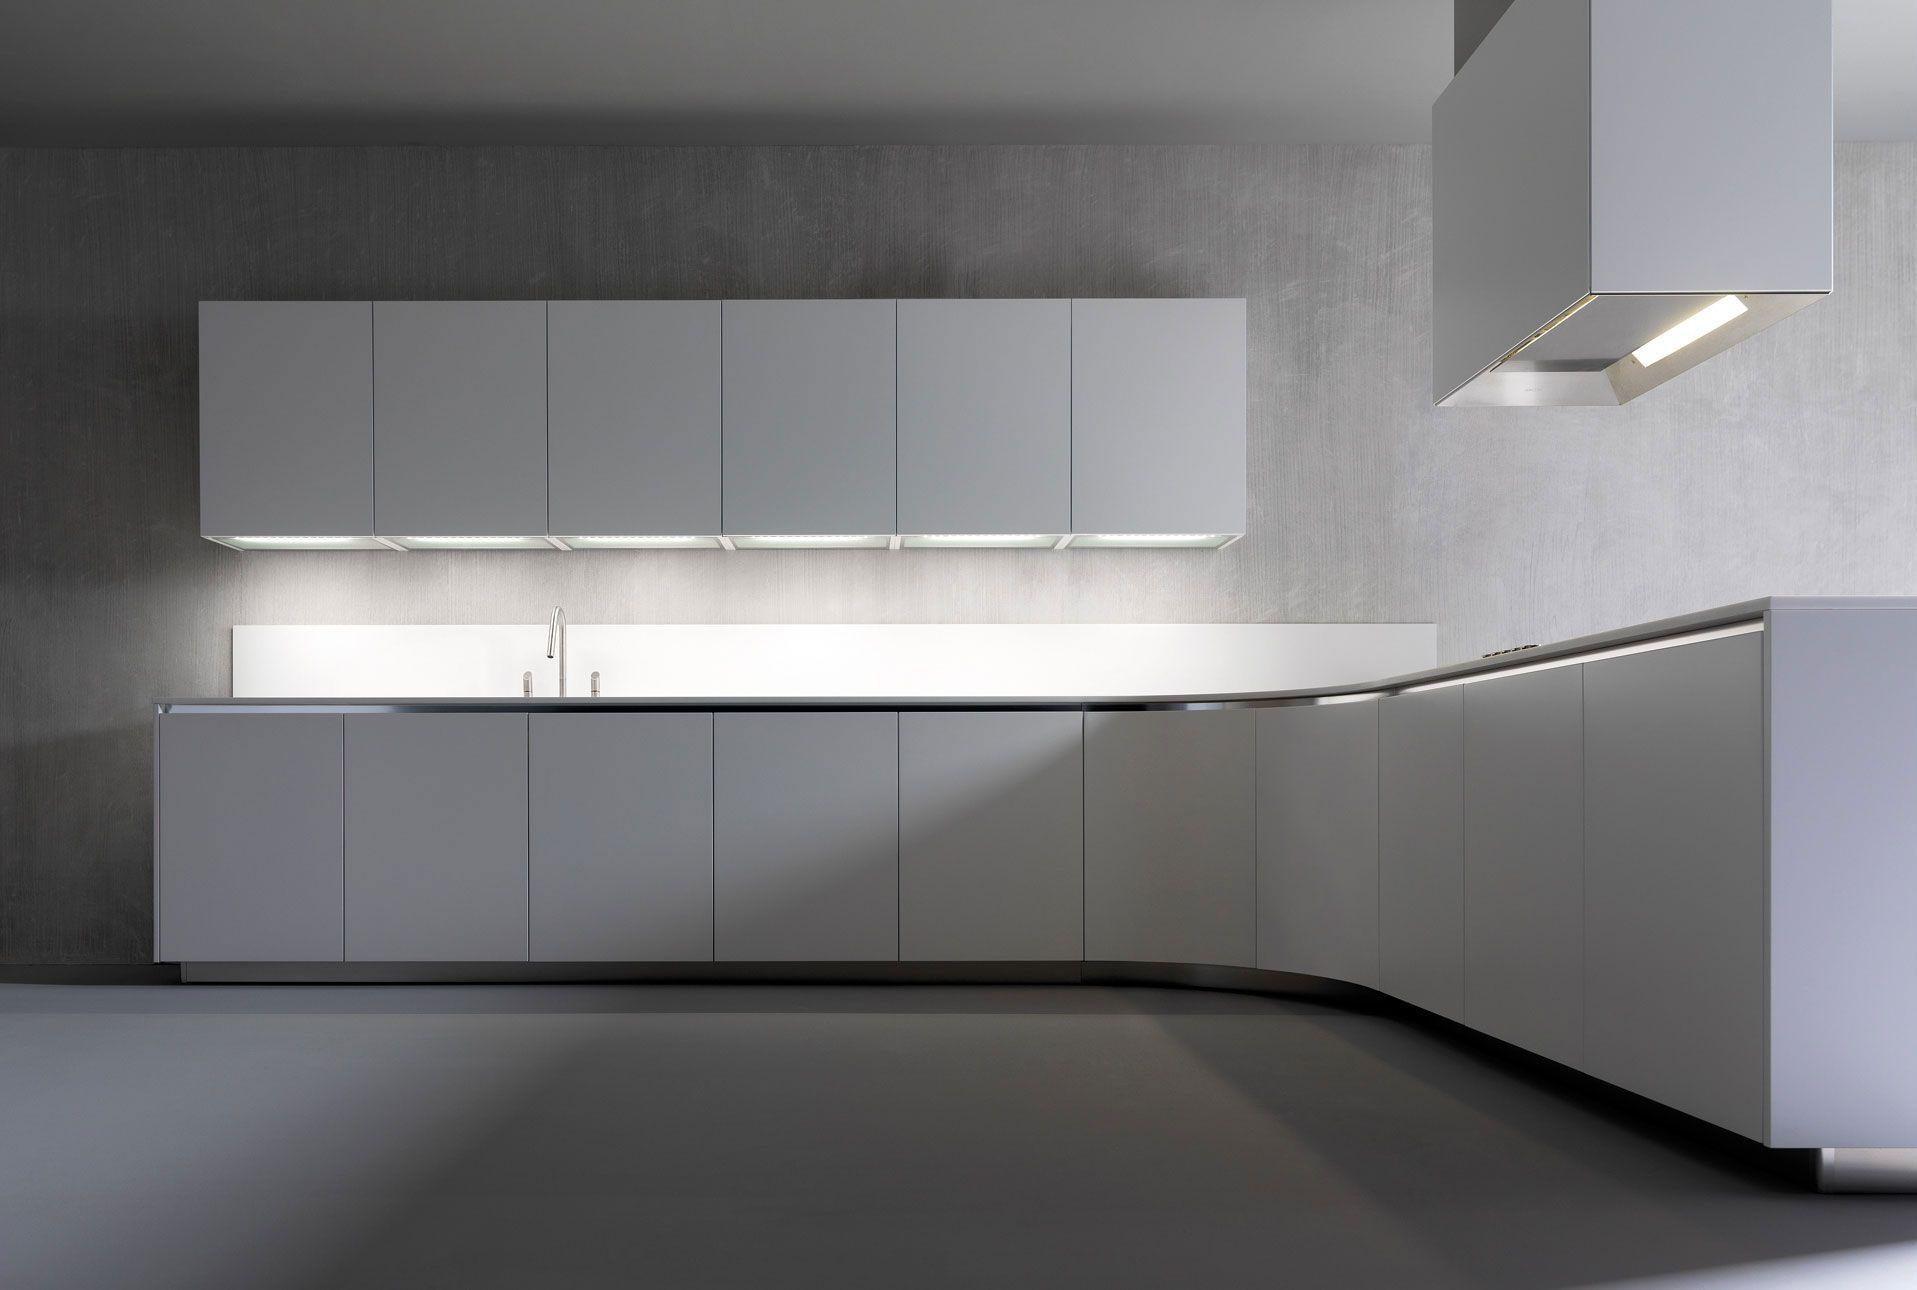 Cucine Effeti: Cucine Moderne, Cucine di Design Italiane   Kjøkken ...